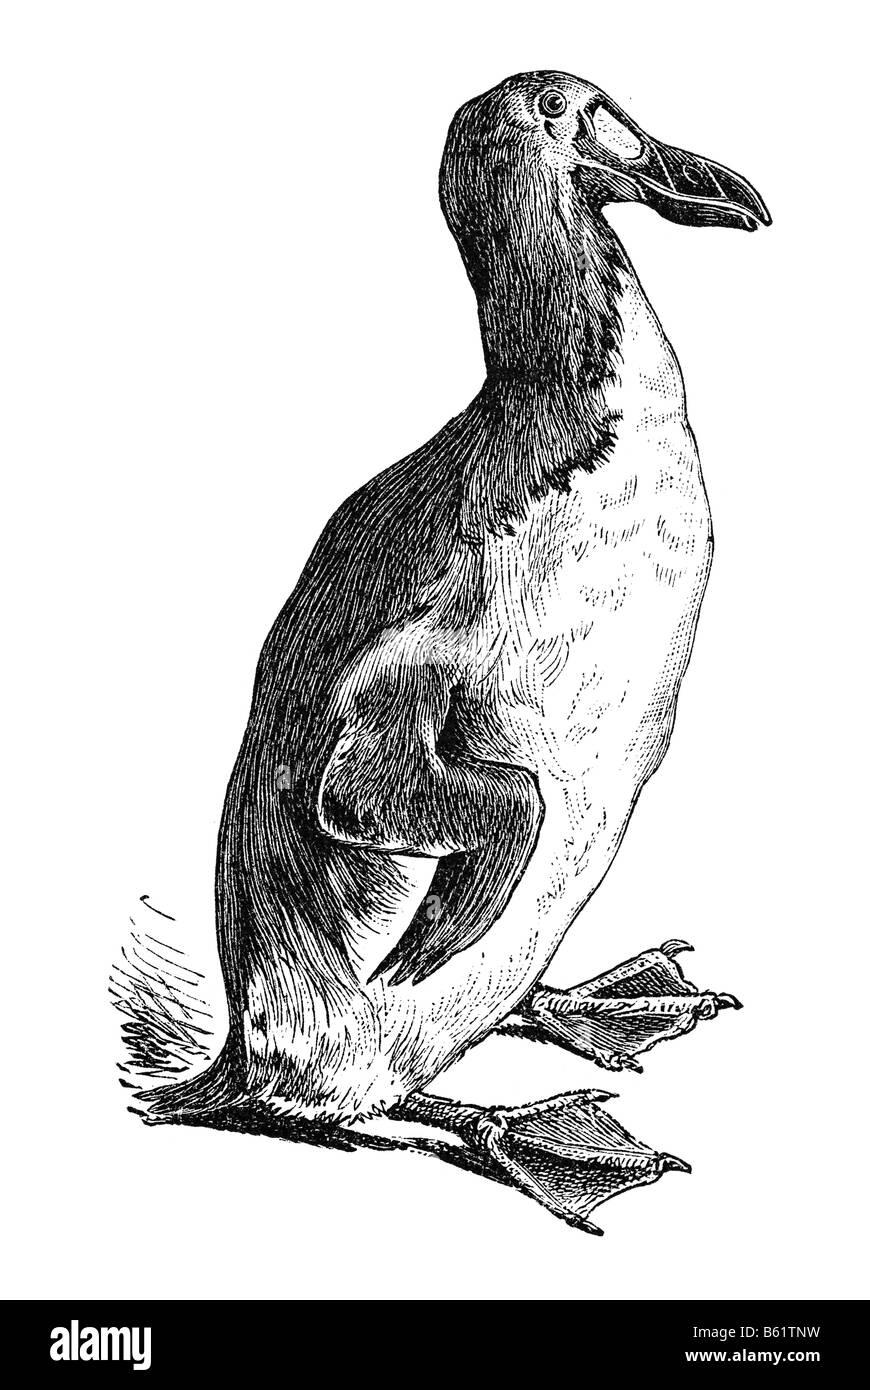 Great Auk (Plautus impennis, Pinguinus impennis), garefowl, penguin Stock Photo